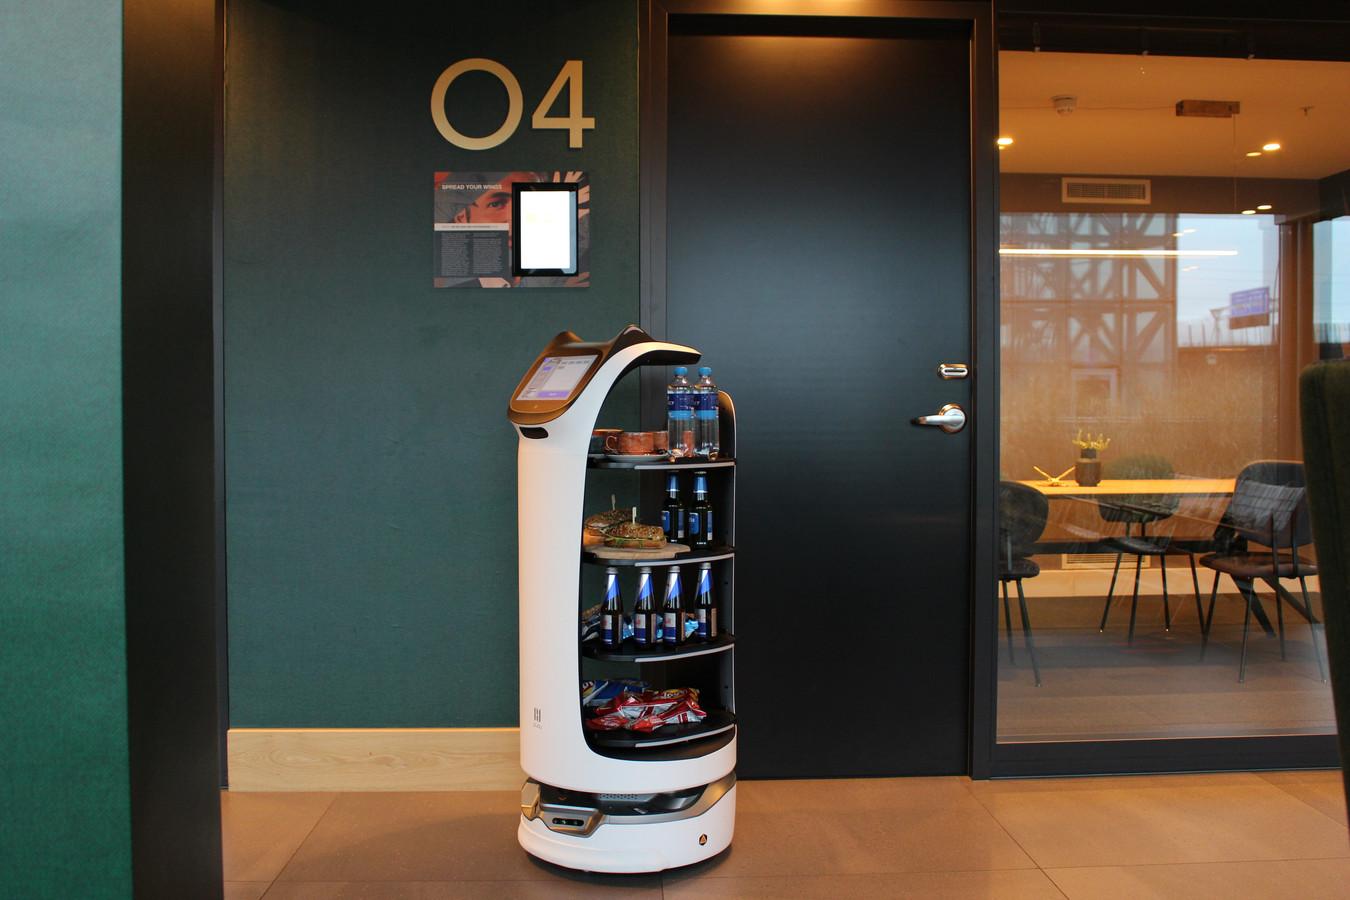 Robot 'Hetty' brengt de versnaperingen naar gasten in de kantoorunits van Van der Valk.